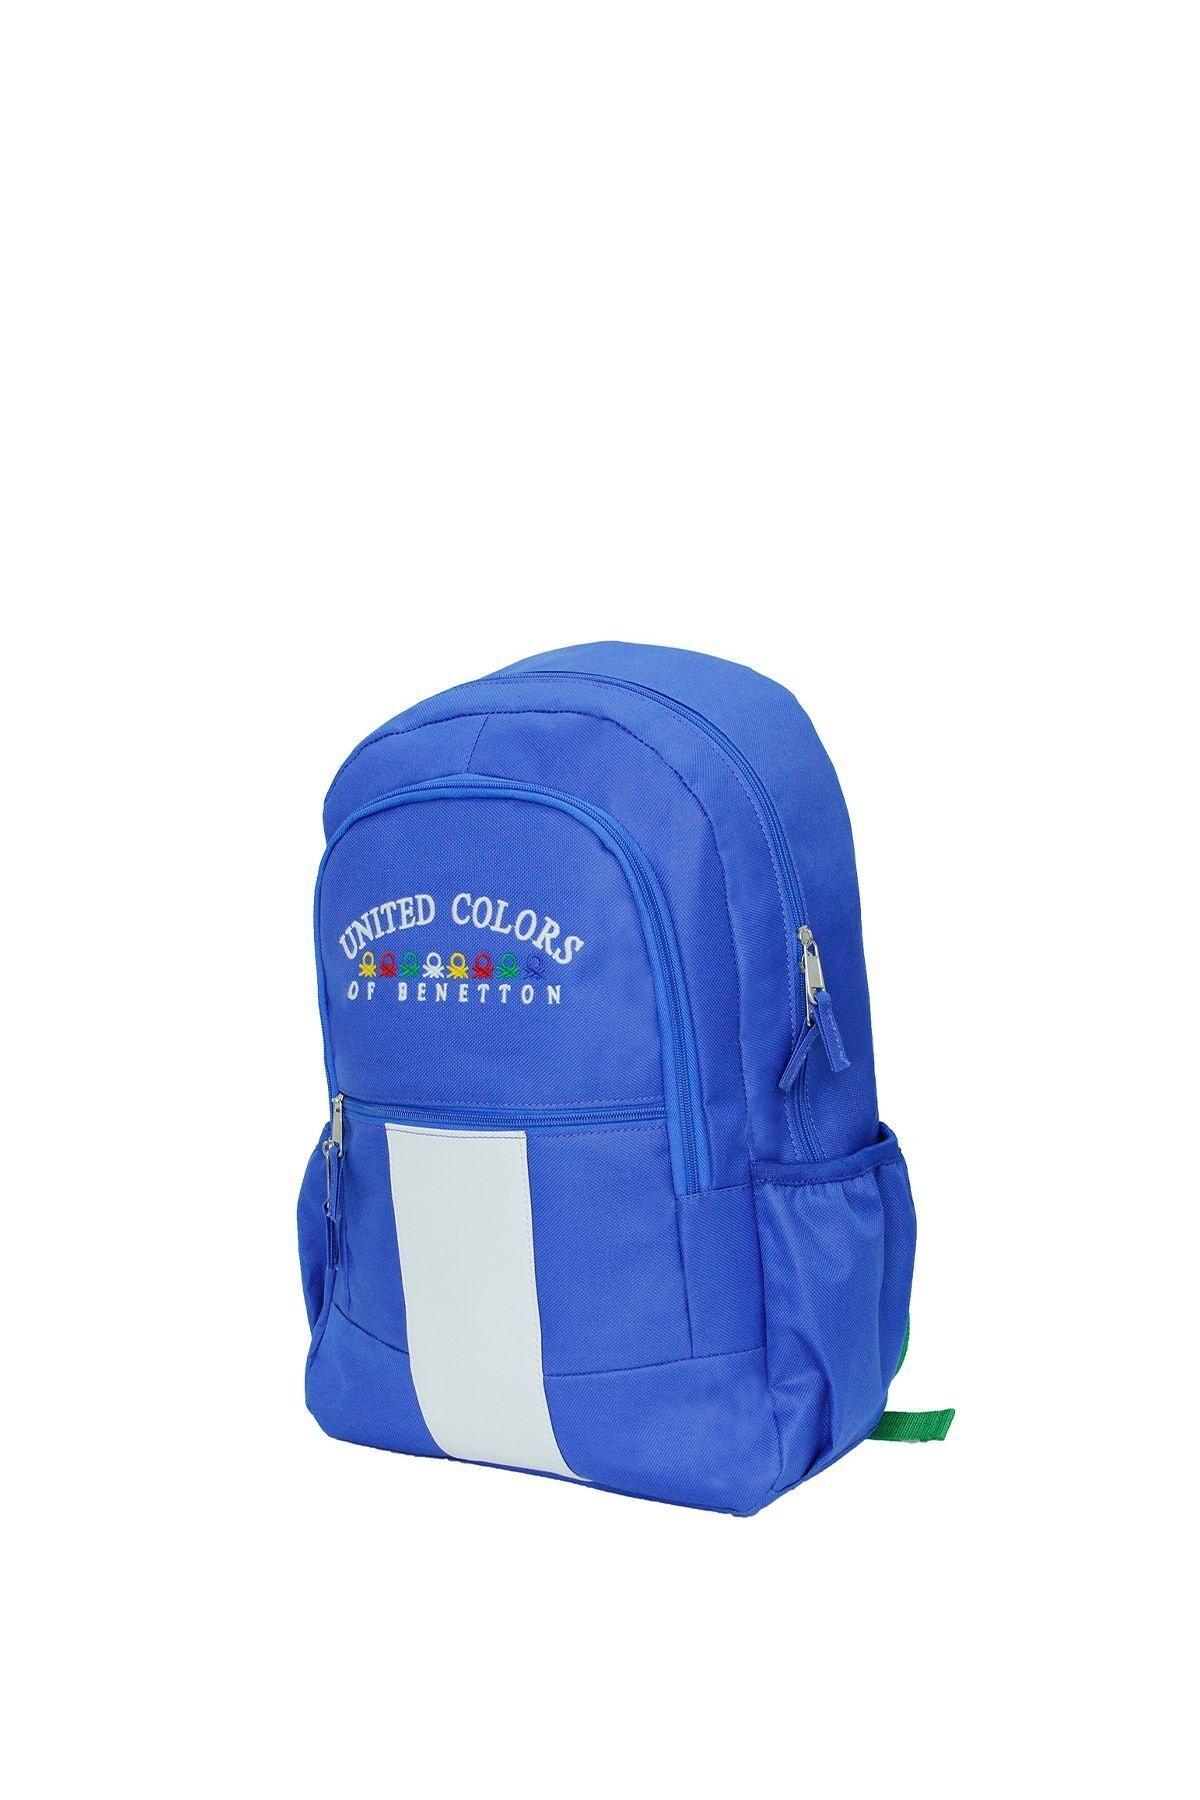 United Colors of Benetton Unisex Mavi Matara Cepli Sırt Çantası 70055 2